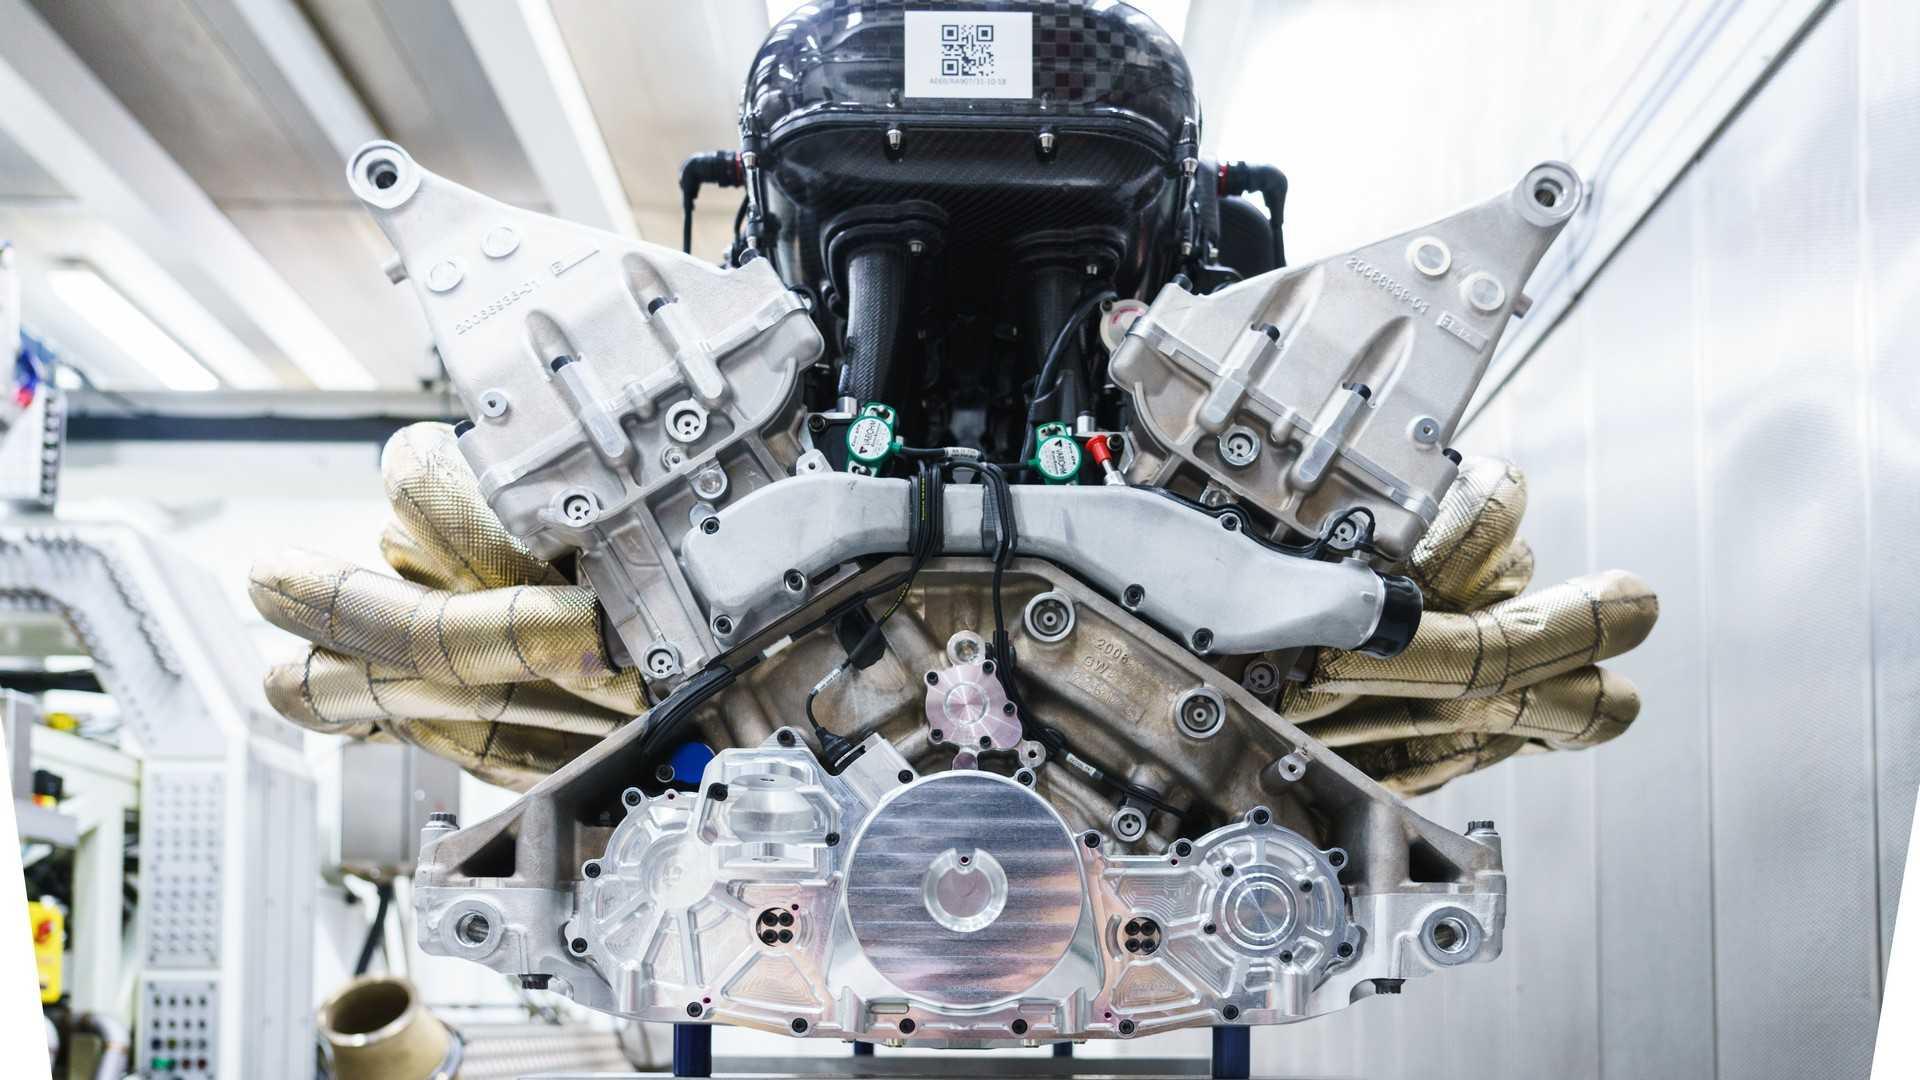 Cada 100.000 kilómetros tendrás que reconstruir el motor del Aston Martin Valkyrie: El doble que el Mercedes-AMG ONE